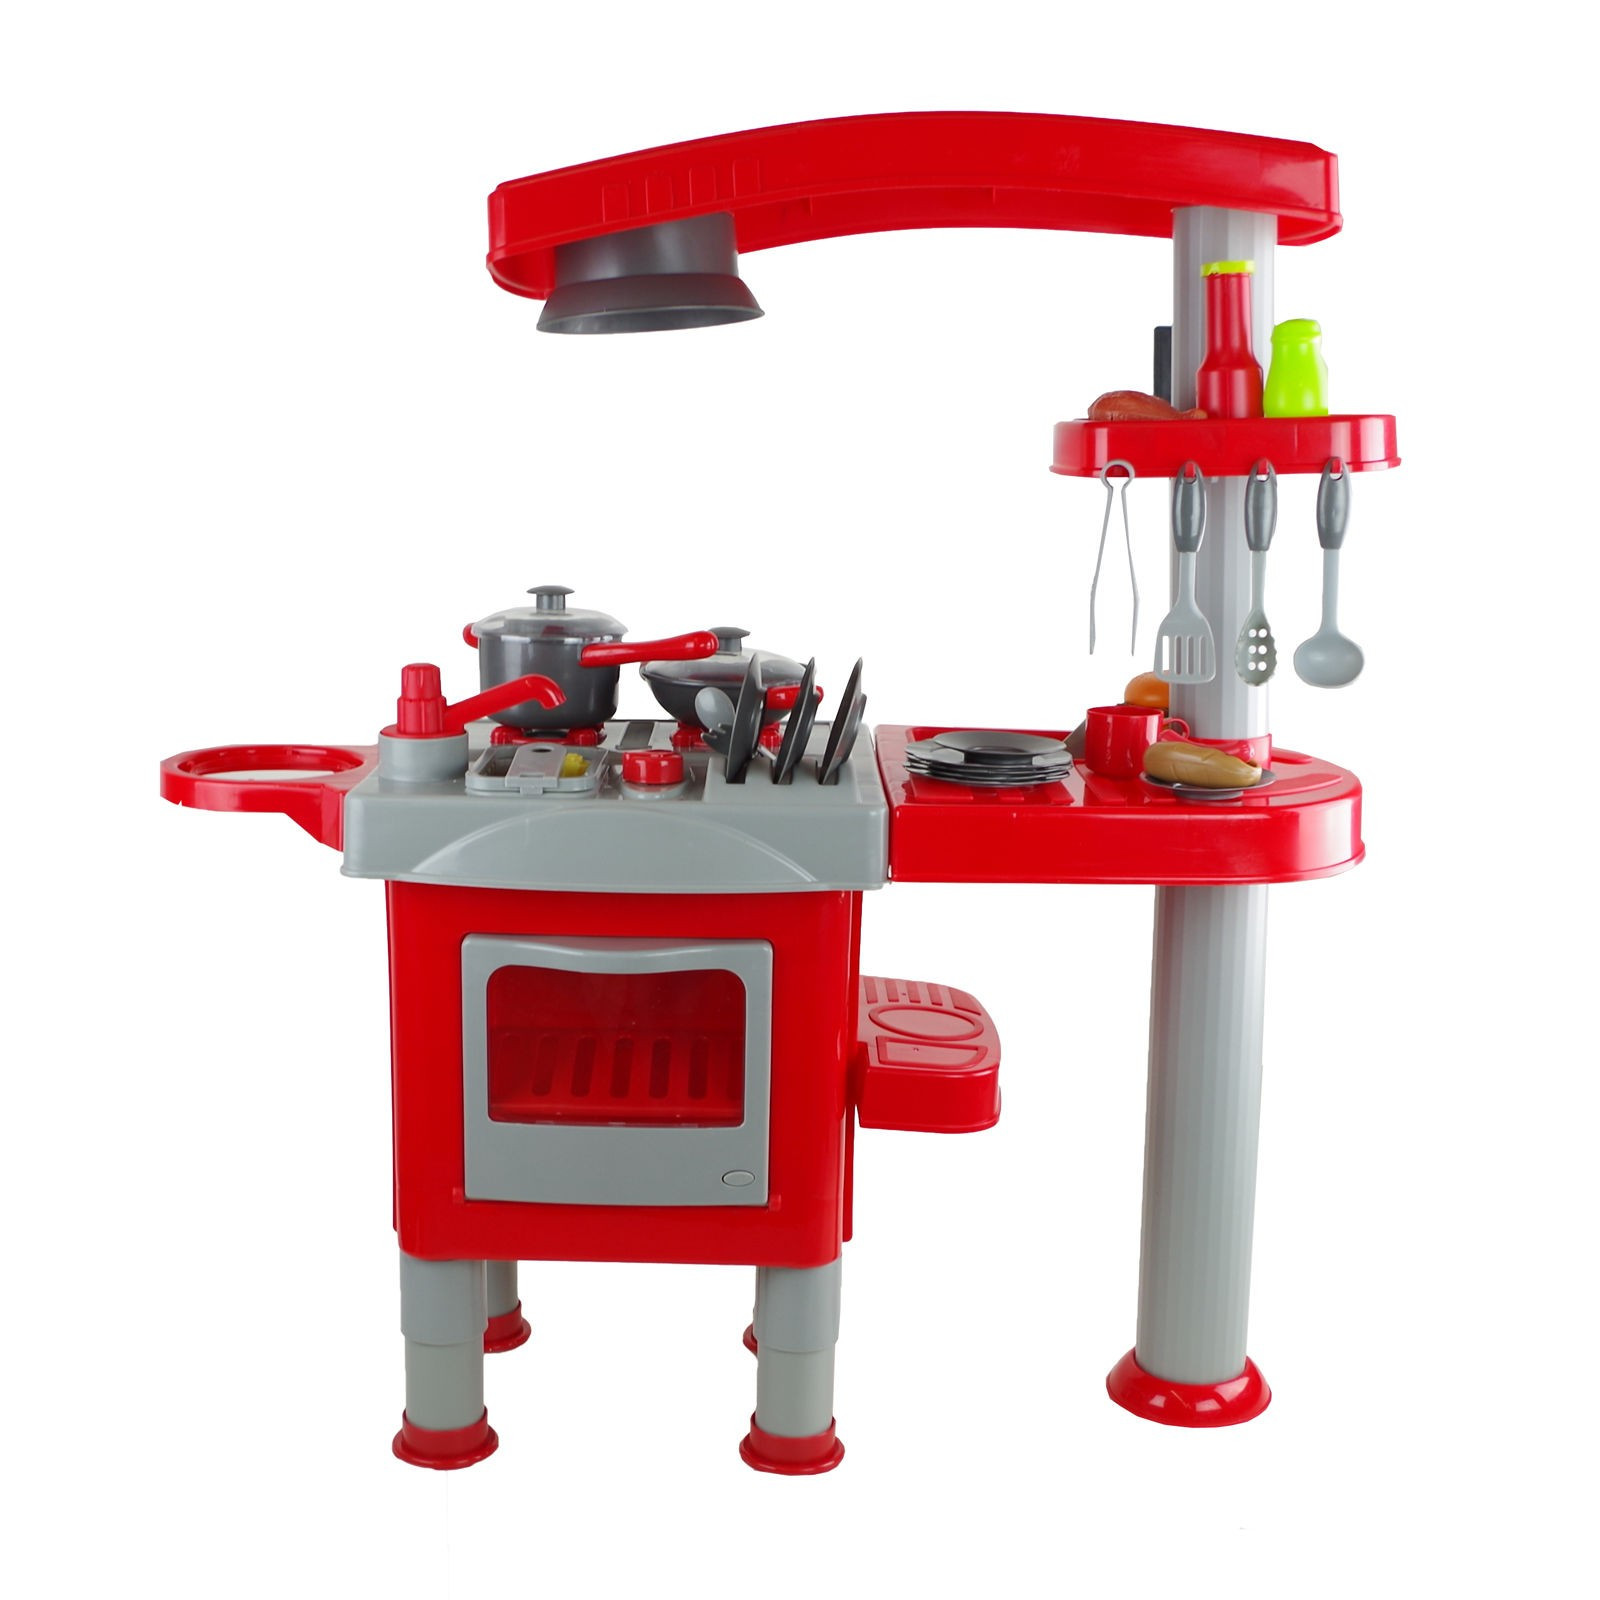 Küche Kinder  Spielzeugküche rot grau Küche für Kinder Küchenset